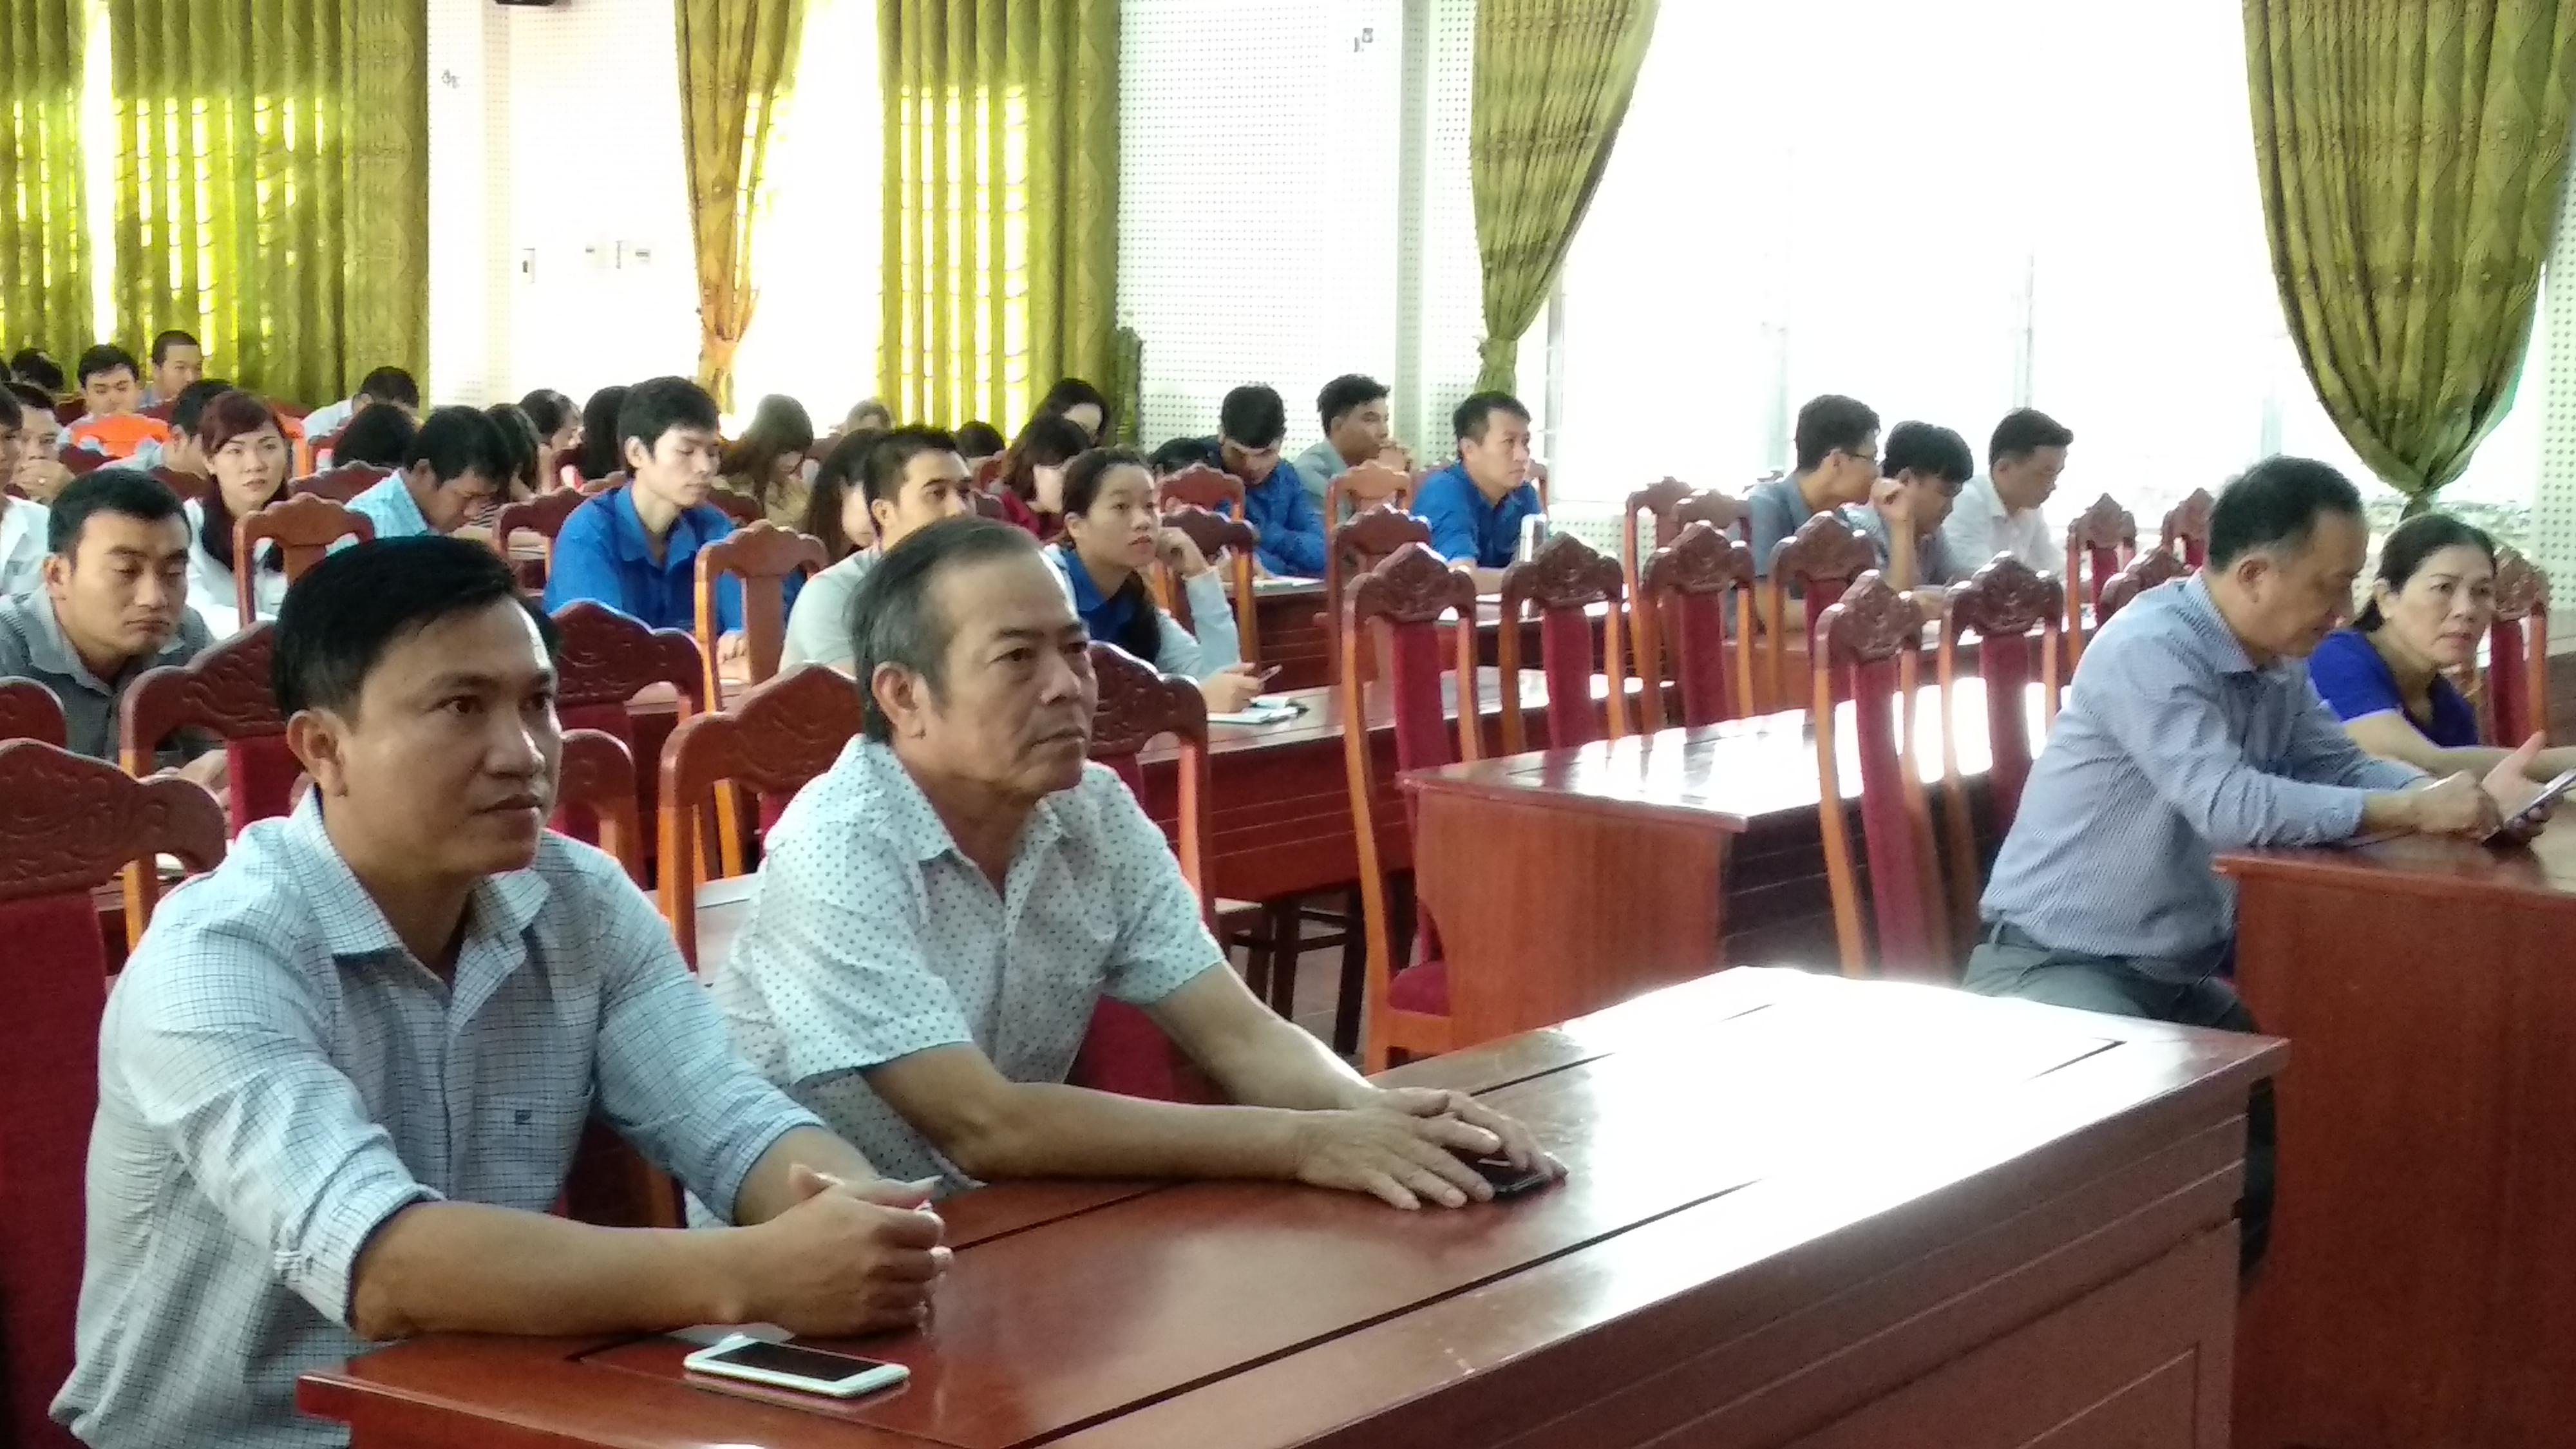 Khai giảng lớp bồi dưỡng kiến thức lý luận chính trị cho đảng viên mới